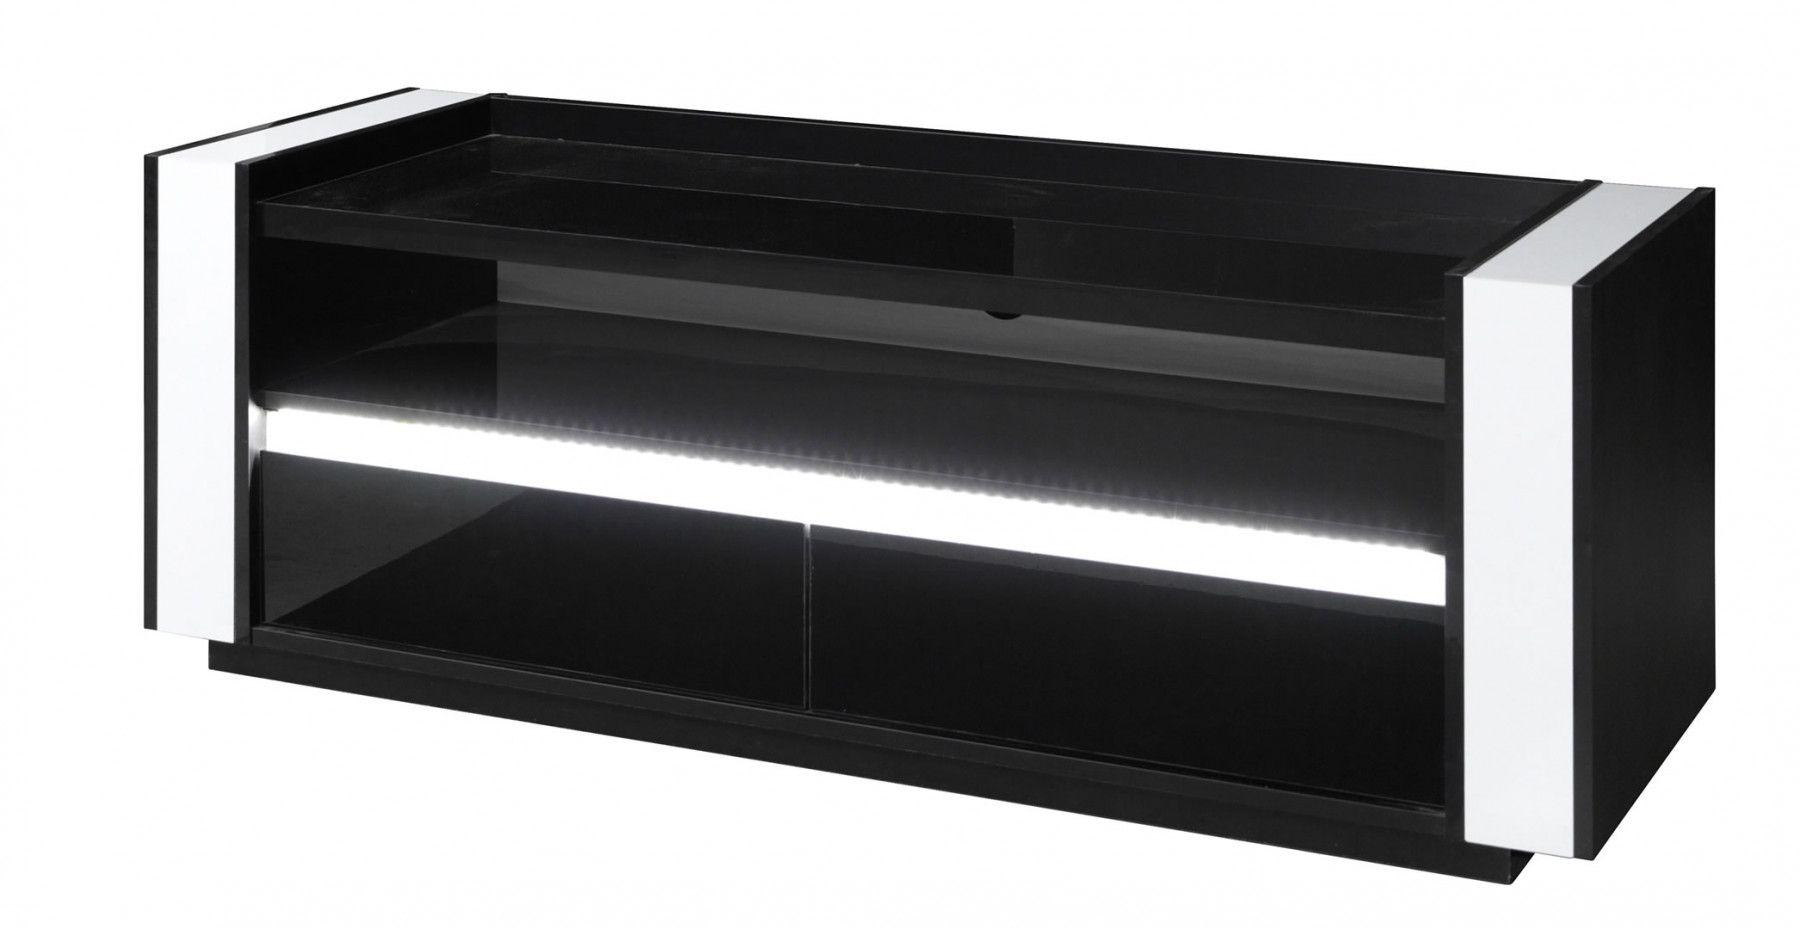 Meubles tv meuble tv aurora noir et blanc laqu avec clairage trocity - Meuble noir et blanc laque ...